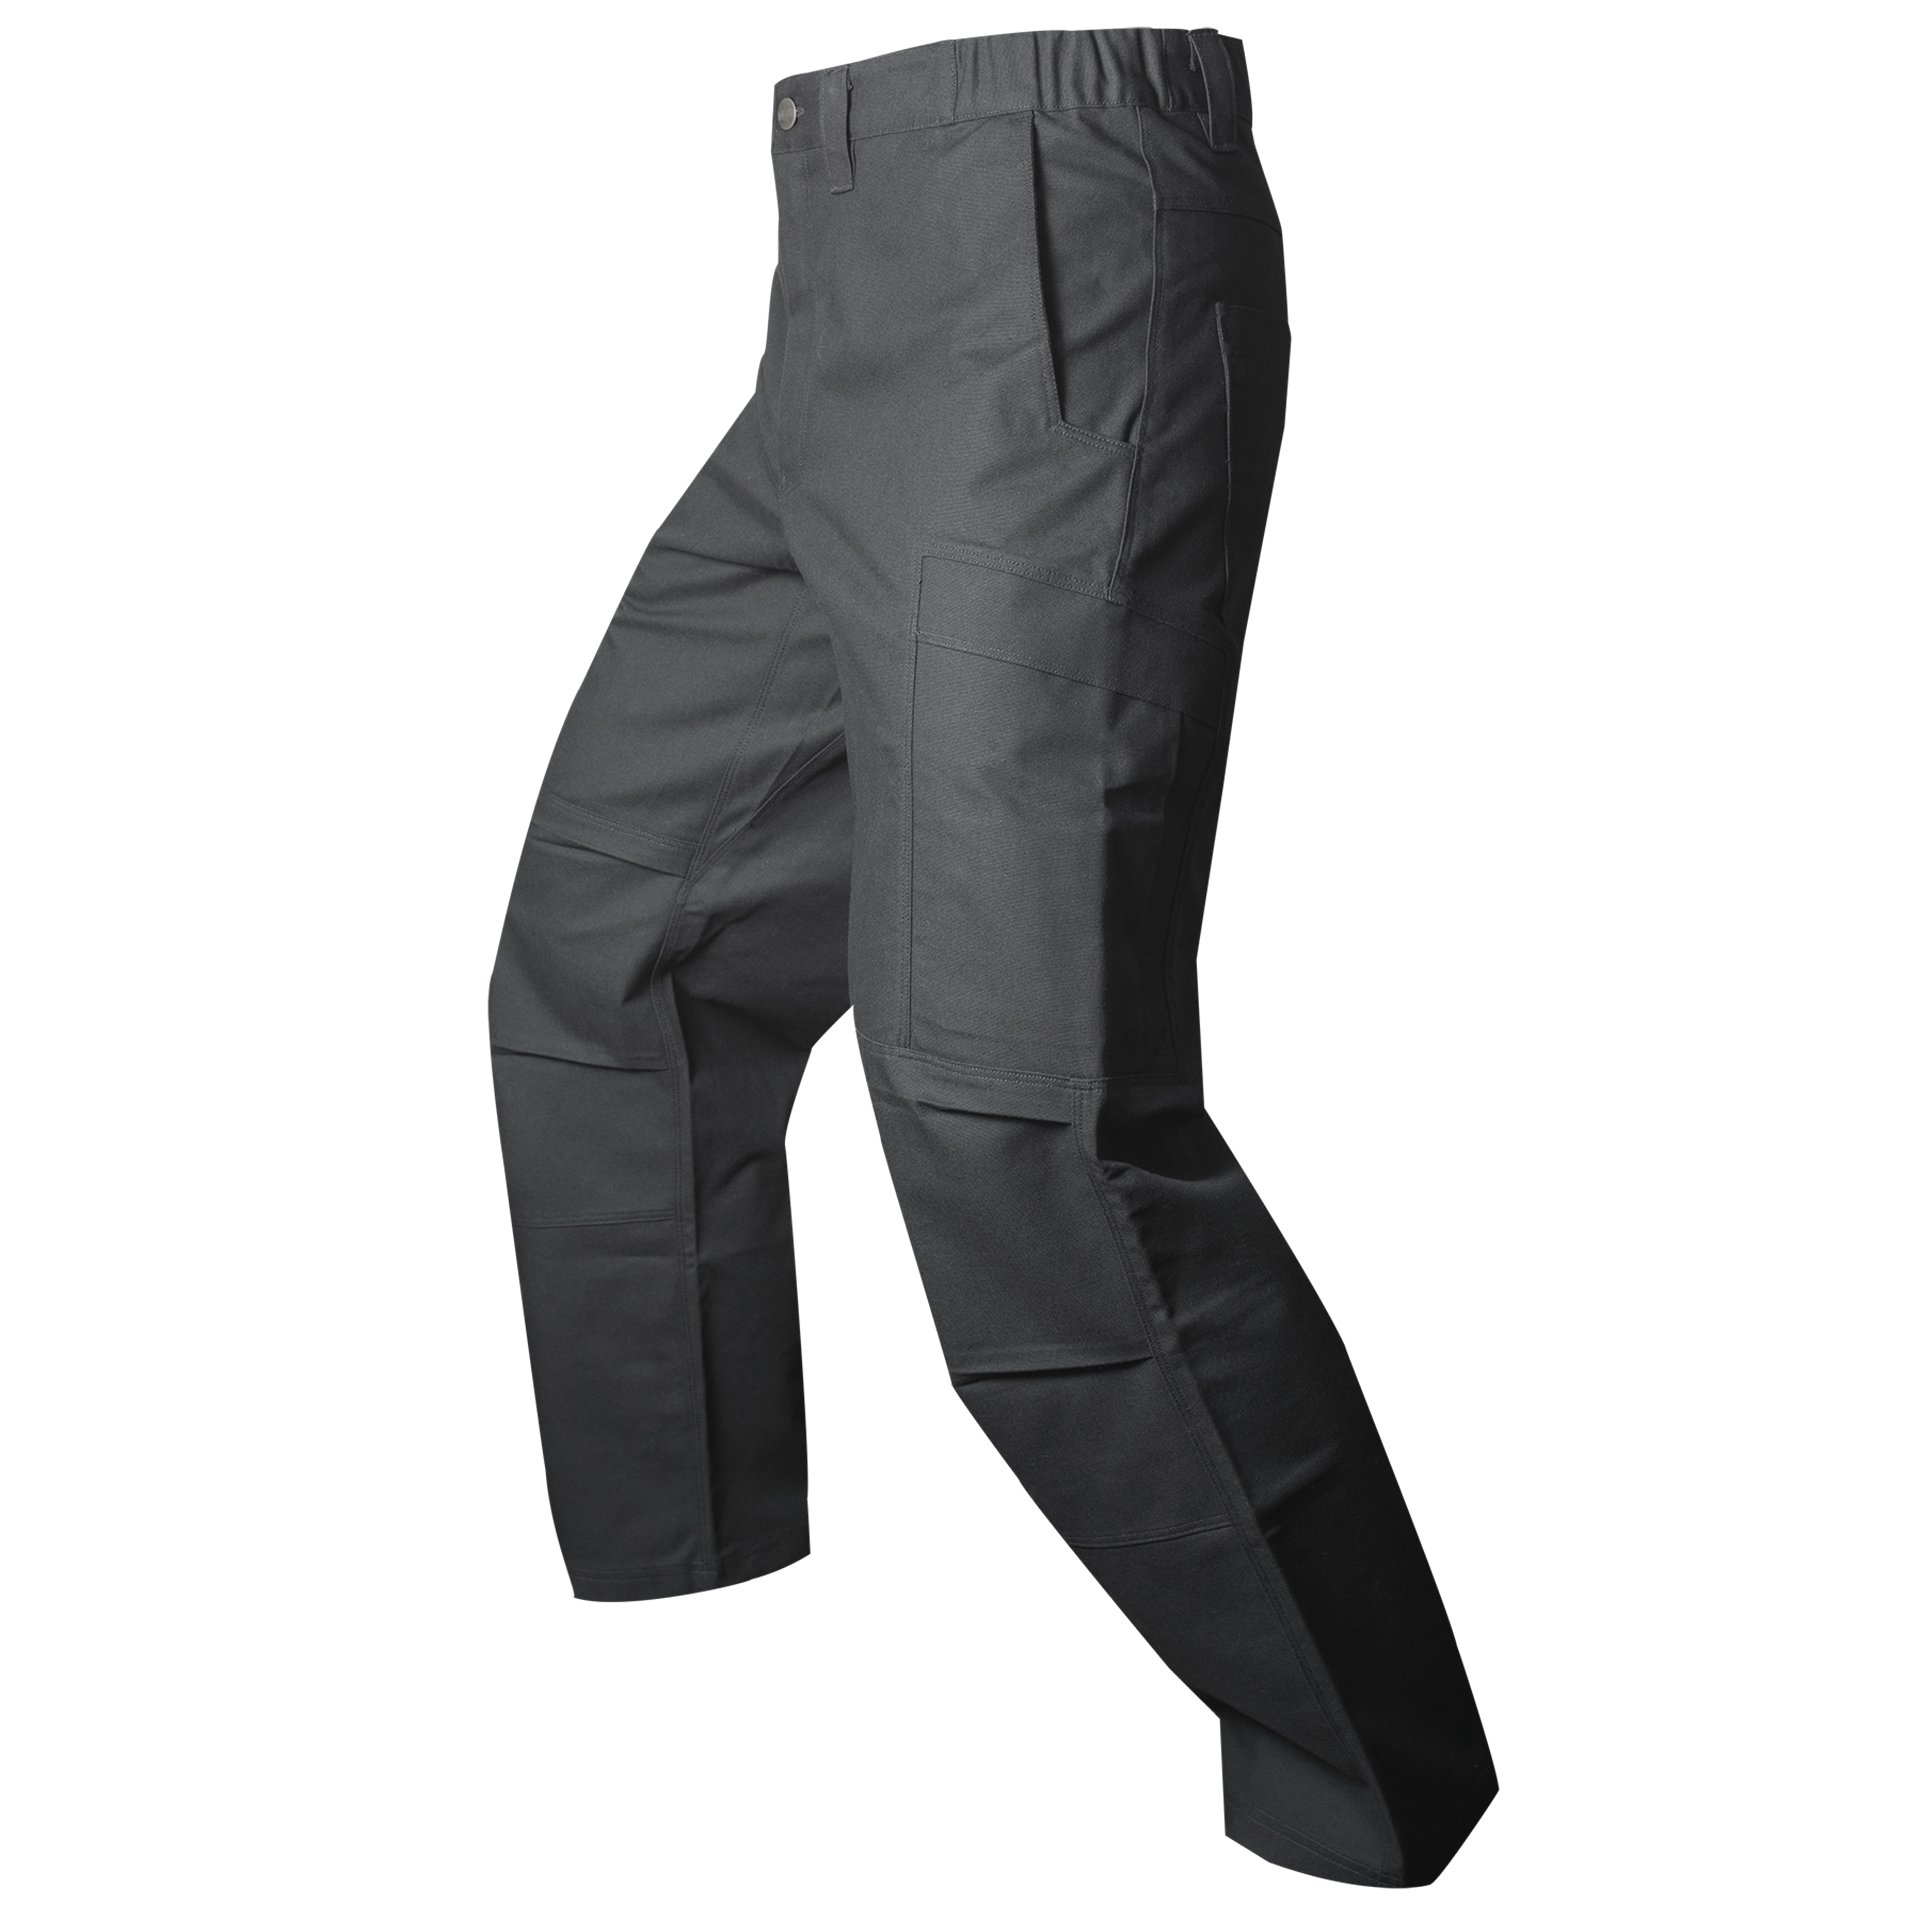 Vertx spodnie męskie Black, 32/32